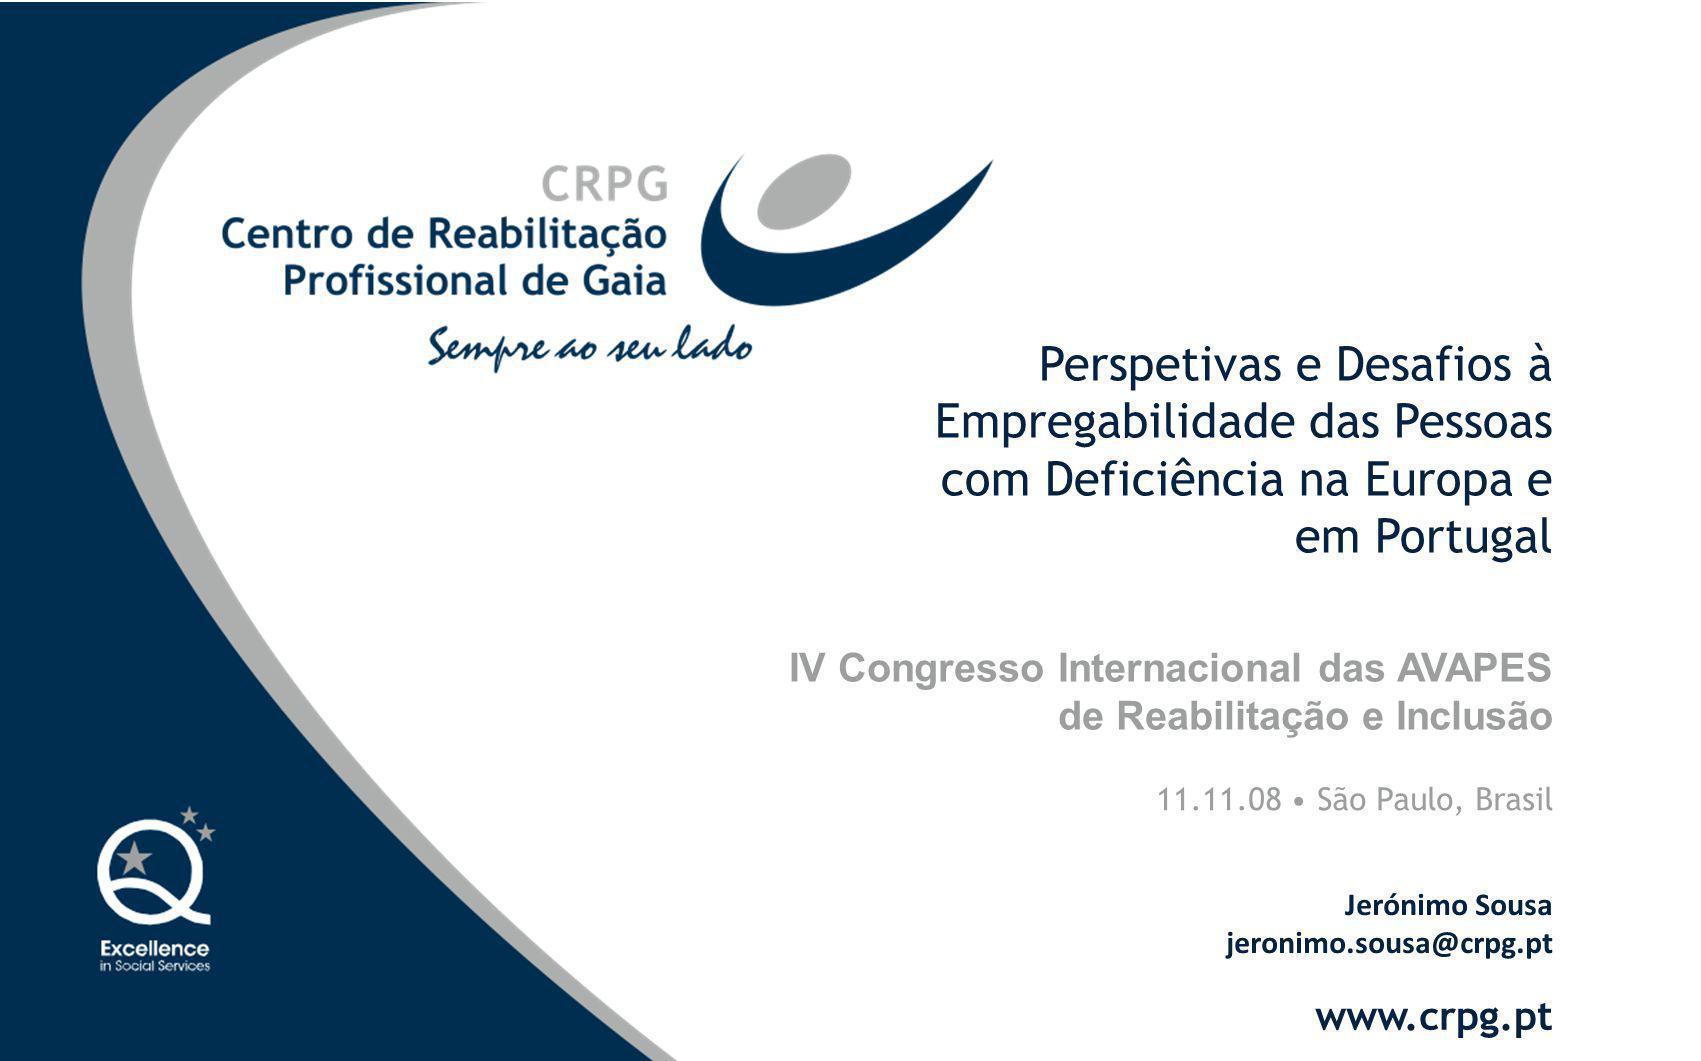 Perspetivas e Desafios à Empregabilidade das Pessoas com Deficiência na Europa e em Portugal 11.11.08 São Paulo, Brasil IV Congresso Internacional das